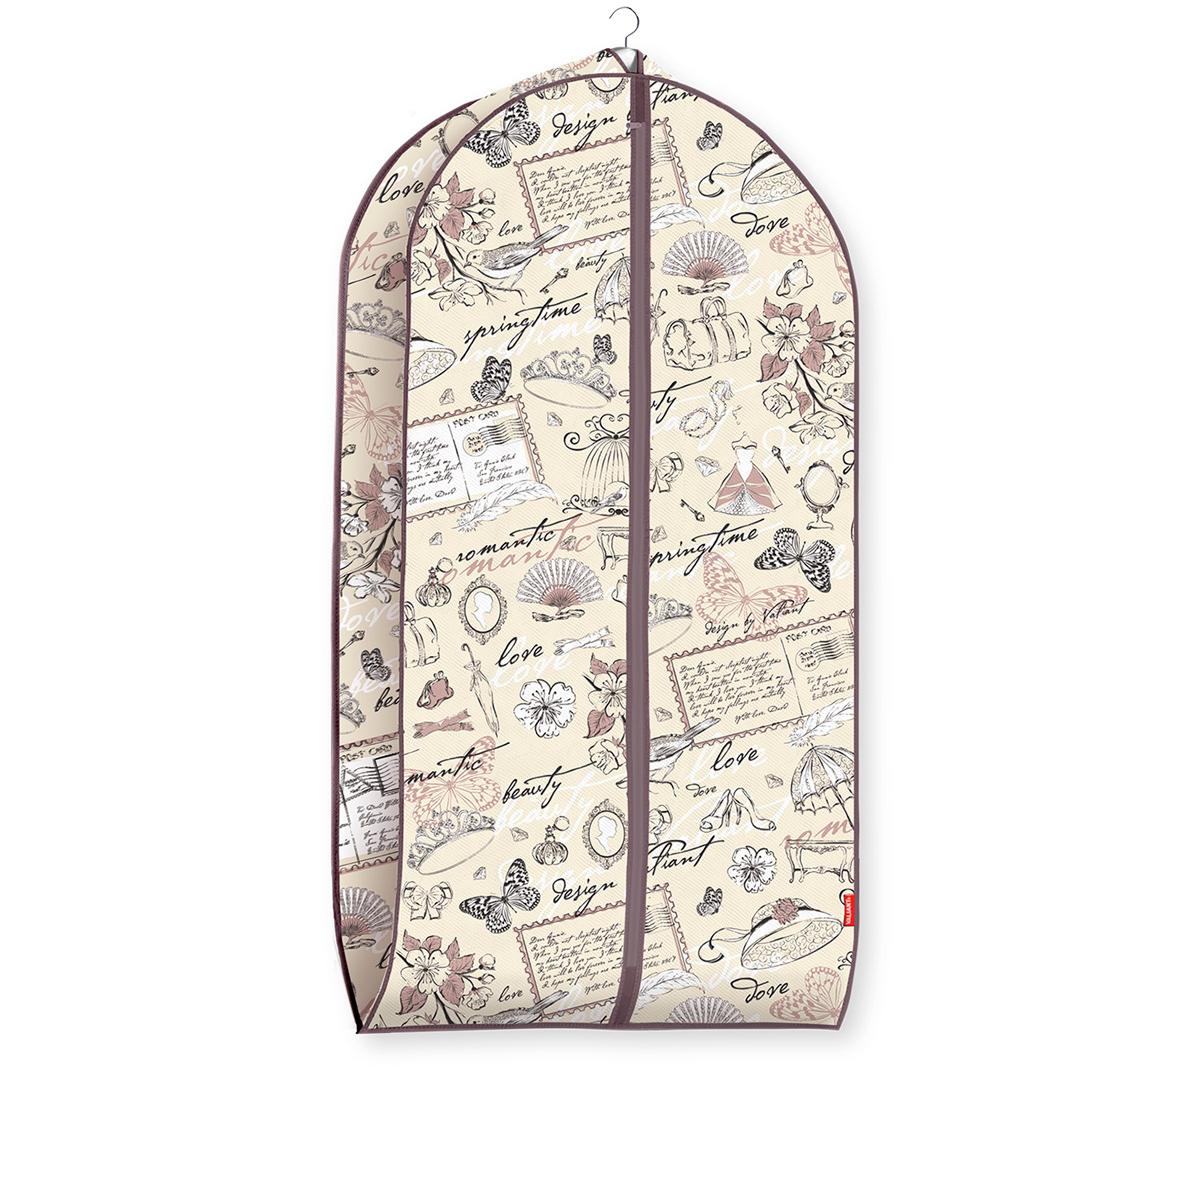 Чехол для одежды Valiant Romantic, объемный, 60 х 100 х 10 смRM-CV-100Чехол для одежды Valiant Romantic изготовлен из высококачественного нетканого материала (спанбонда), который обеспечивает естественную вентиляцию, позволяя воздуху проникать внутрь, но не пропускает пыль. Чехол очень удобен в использовании. Наличие боковой вставки увеличивает объем чехла, что позволяет хранить крупные объемные вещи. Чехол легко открывается и закрывается застежкой-молнией. Идеально подойдет для транспортировки и хранения одежды. Система хранения Romantic создаст трогательную атмосферу романтического настроения в женском гардеробе. Оригинальный дизайн придется по вкусу ценительницам эстетичного хранения. Системы хранения в едином дизайне сделают вашу гардеробную изысканной и невероятно стильной.